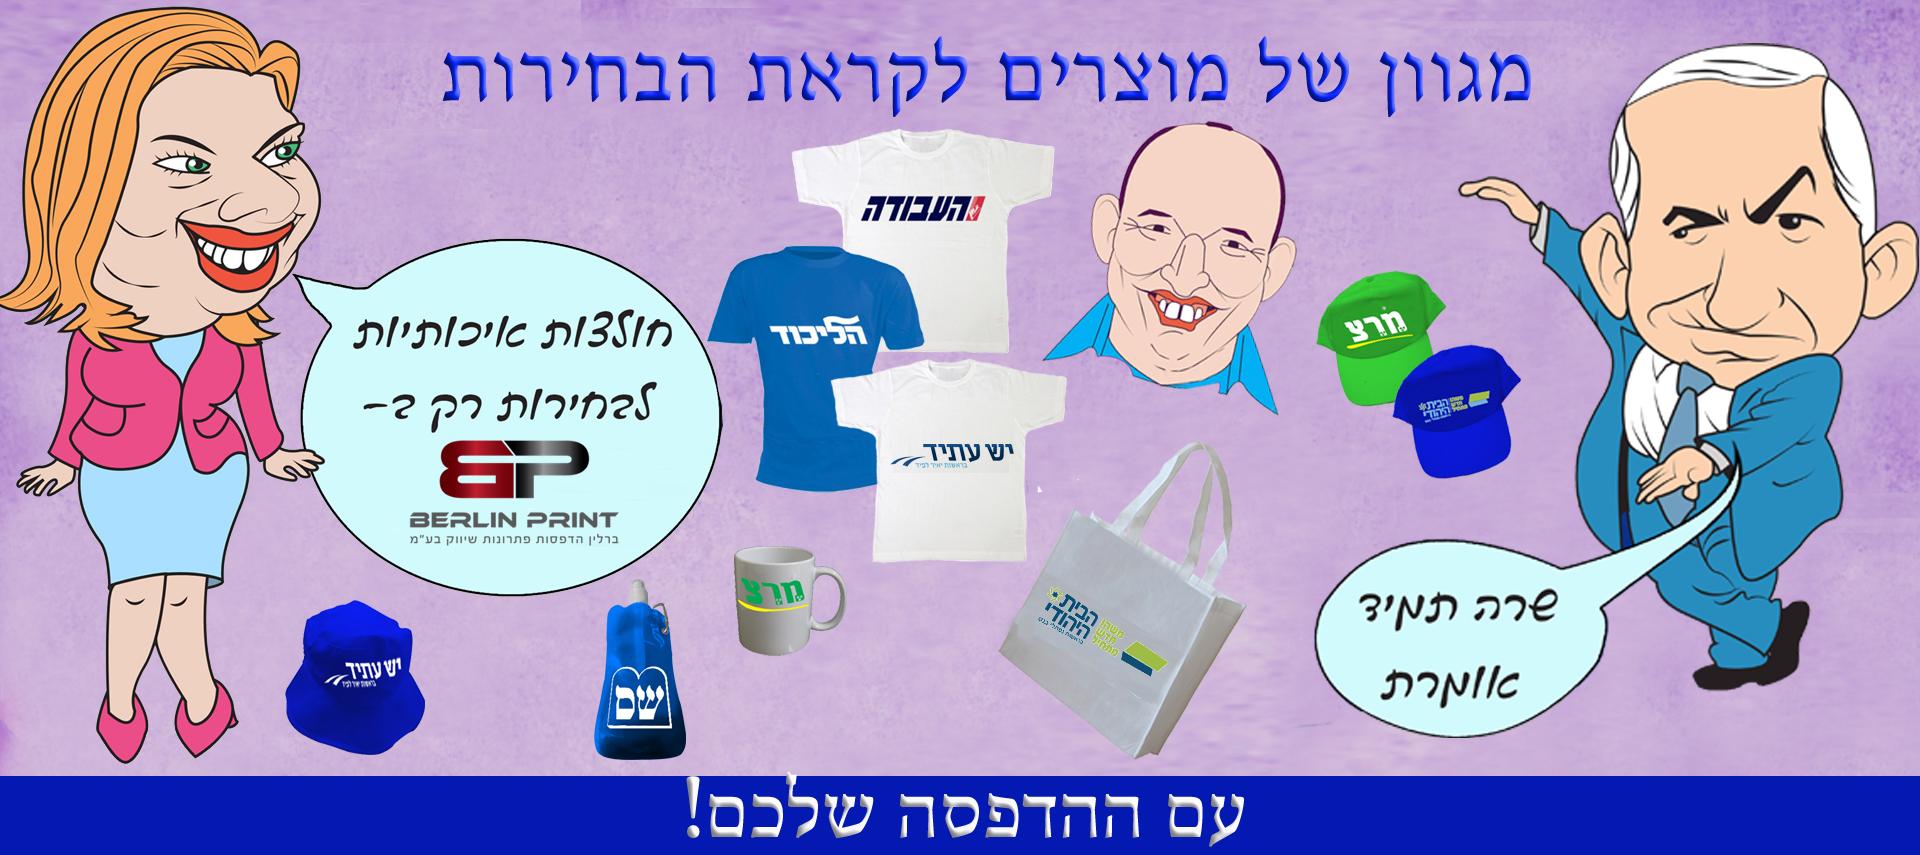 הדפסה על מוצרים לקראת הבחירות